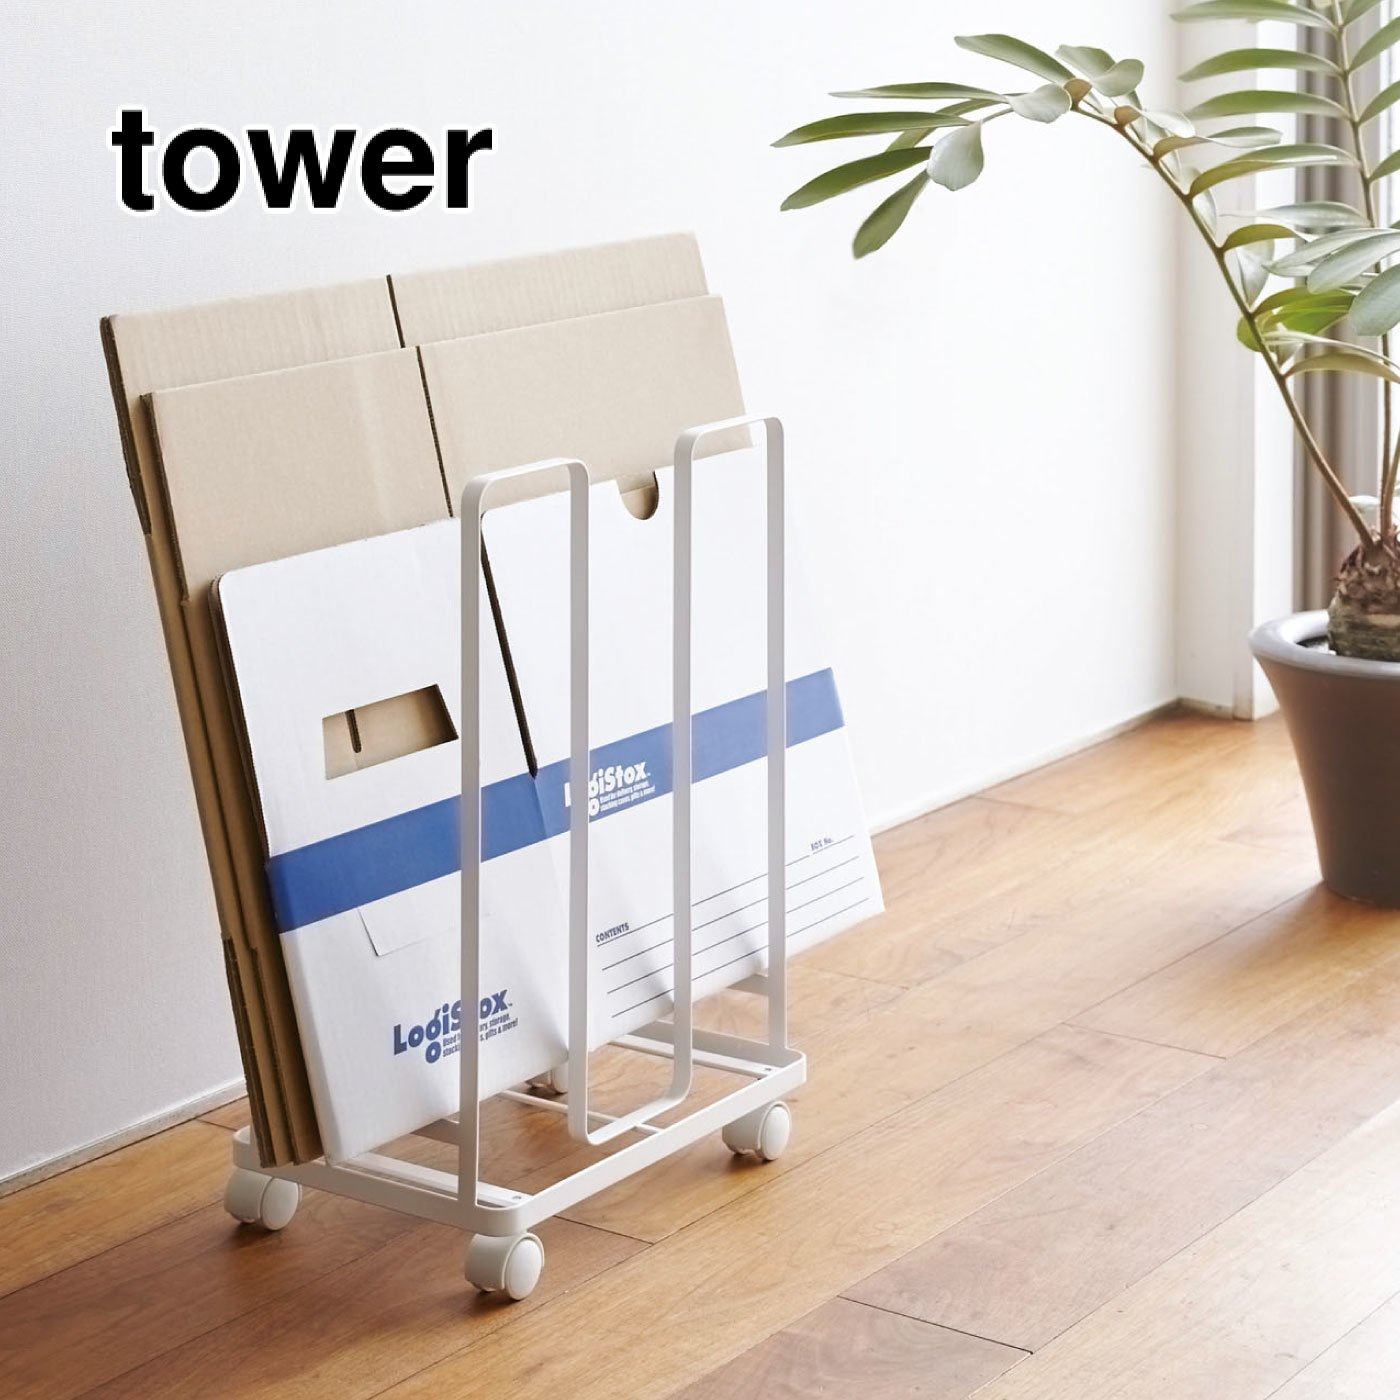 tower ダンボールストッカー